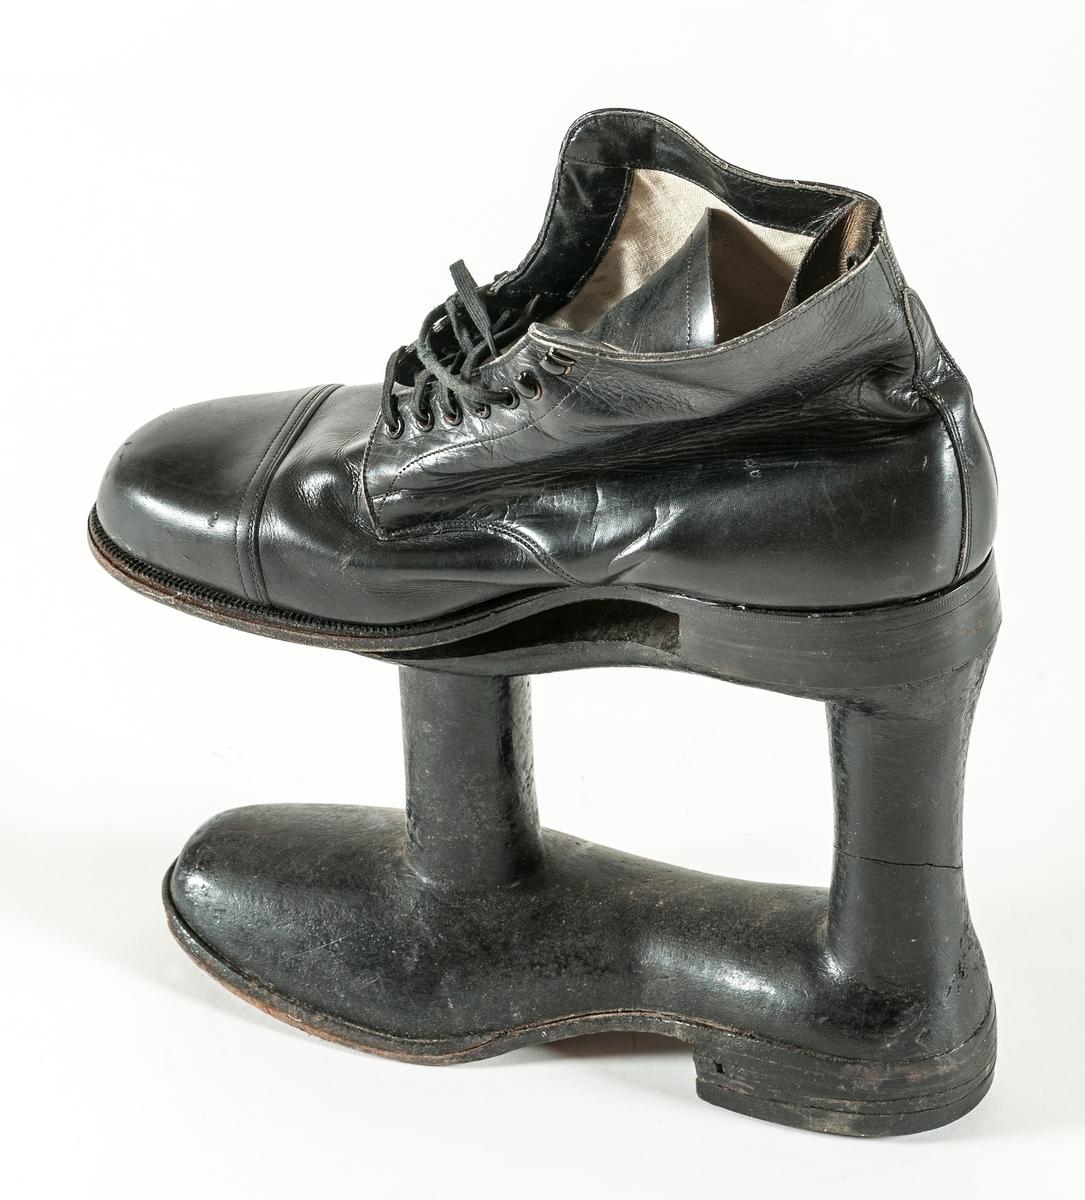 """Sko kallad """"strykjärnet"""". Specialtillverkad för man med ett ben som var kortare än det andra."""